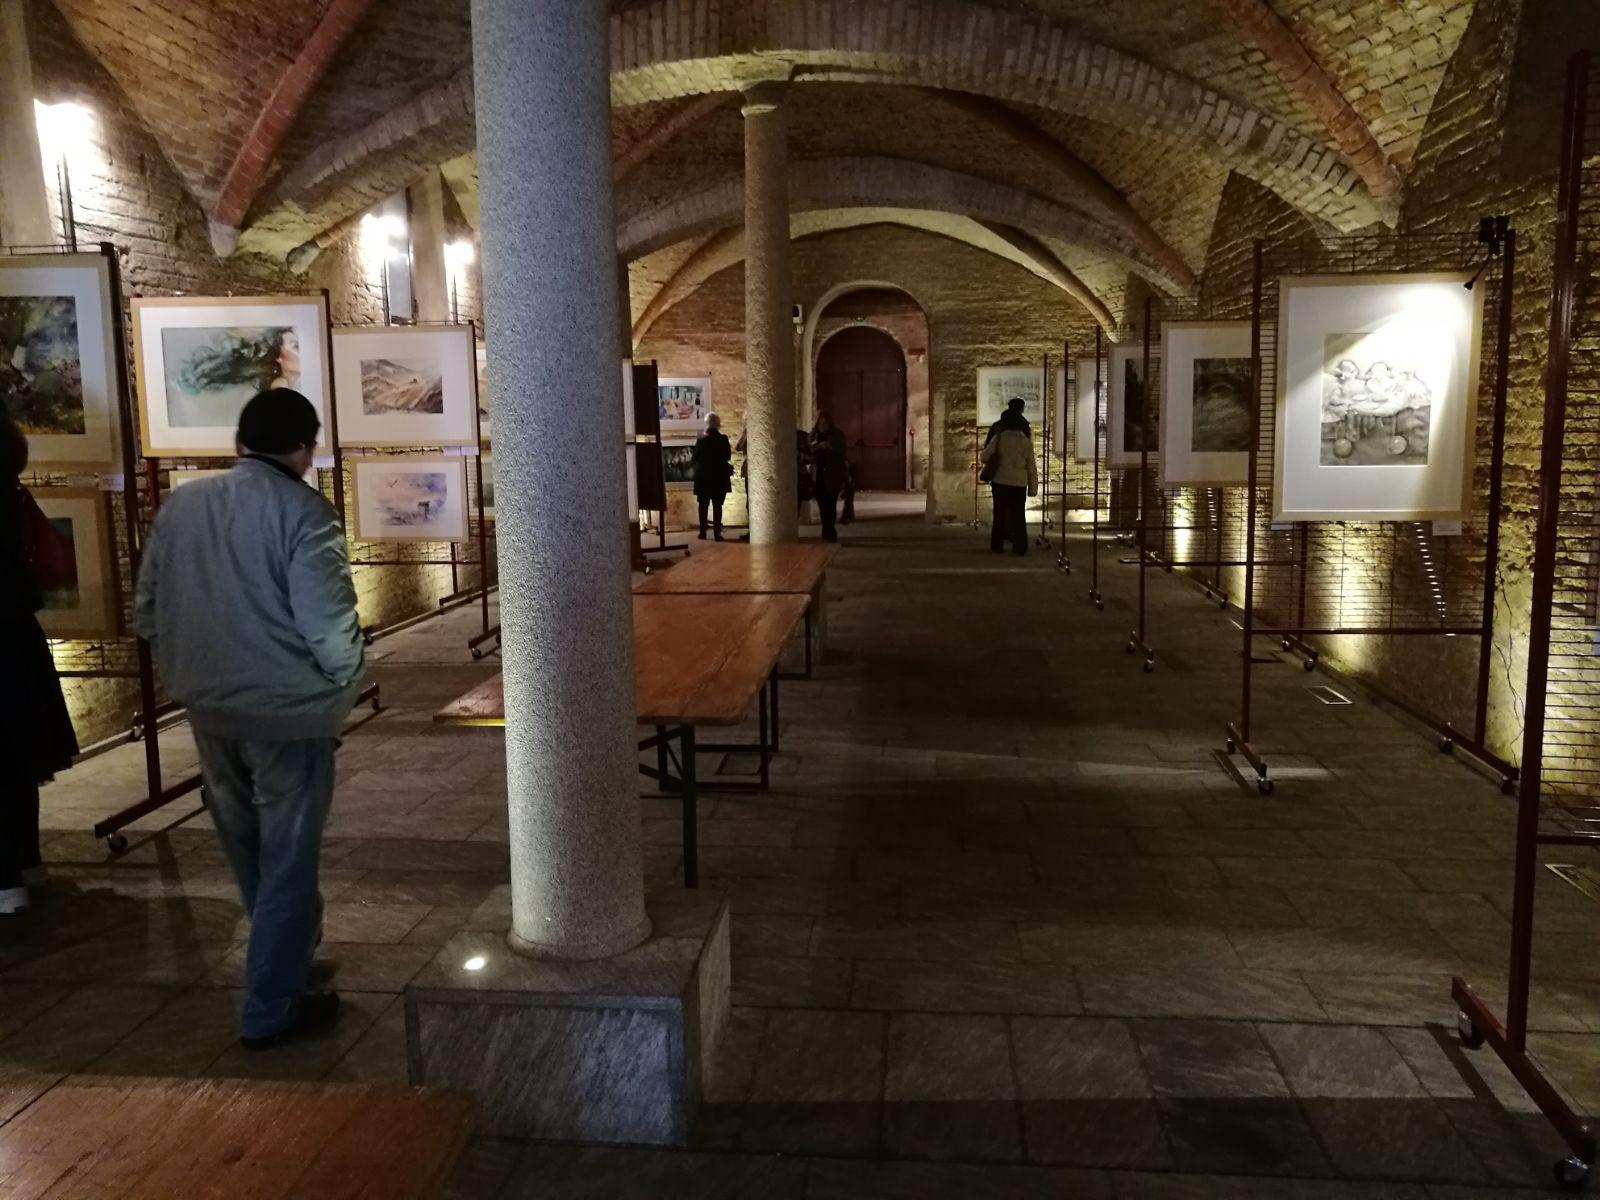 Acquerelli al Castello, Abbiategrasso - 2